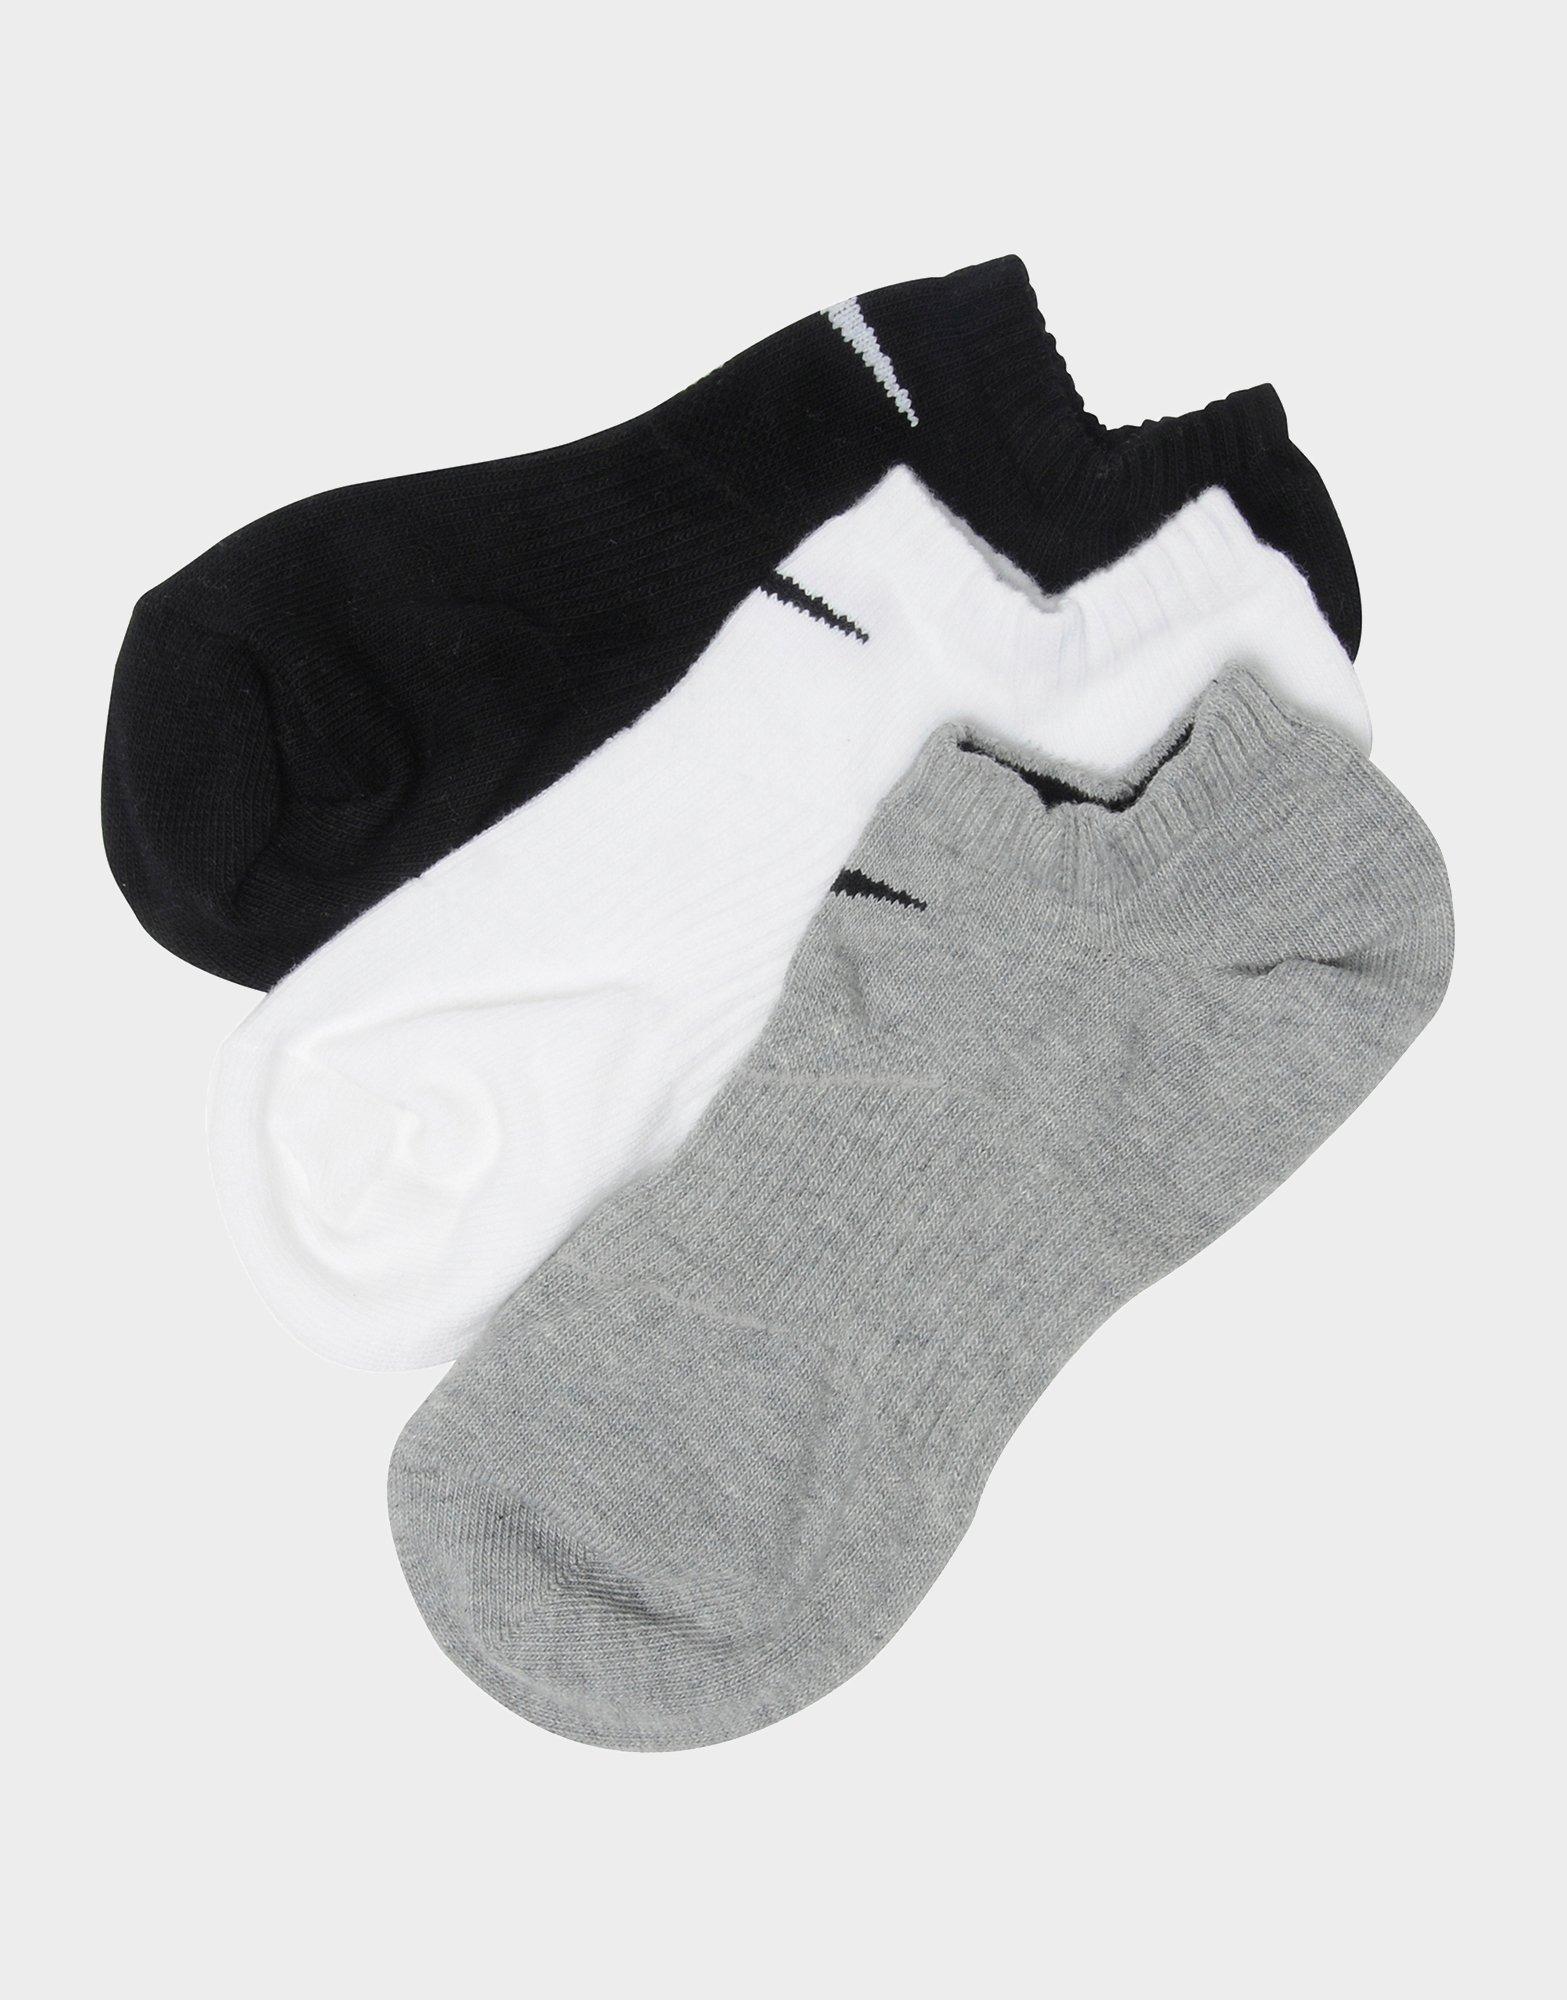 Køb Nike 3 pak korte sokker i Hvid | JD Sports